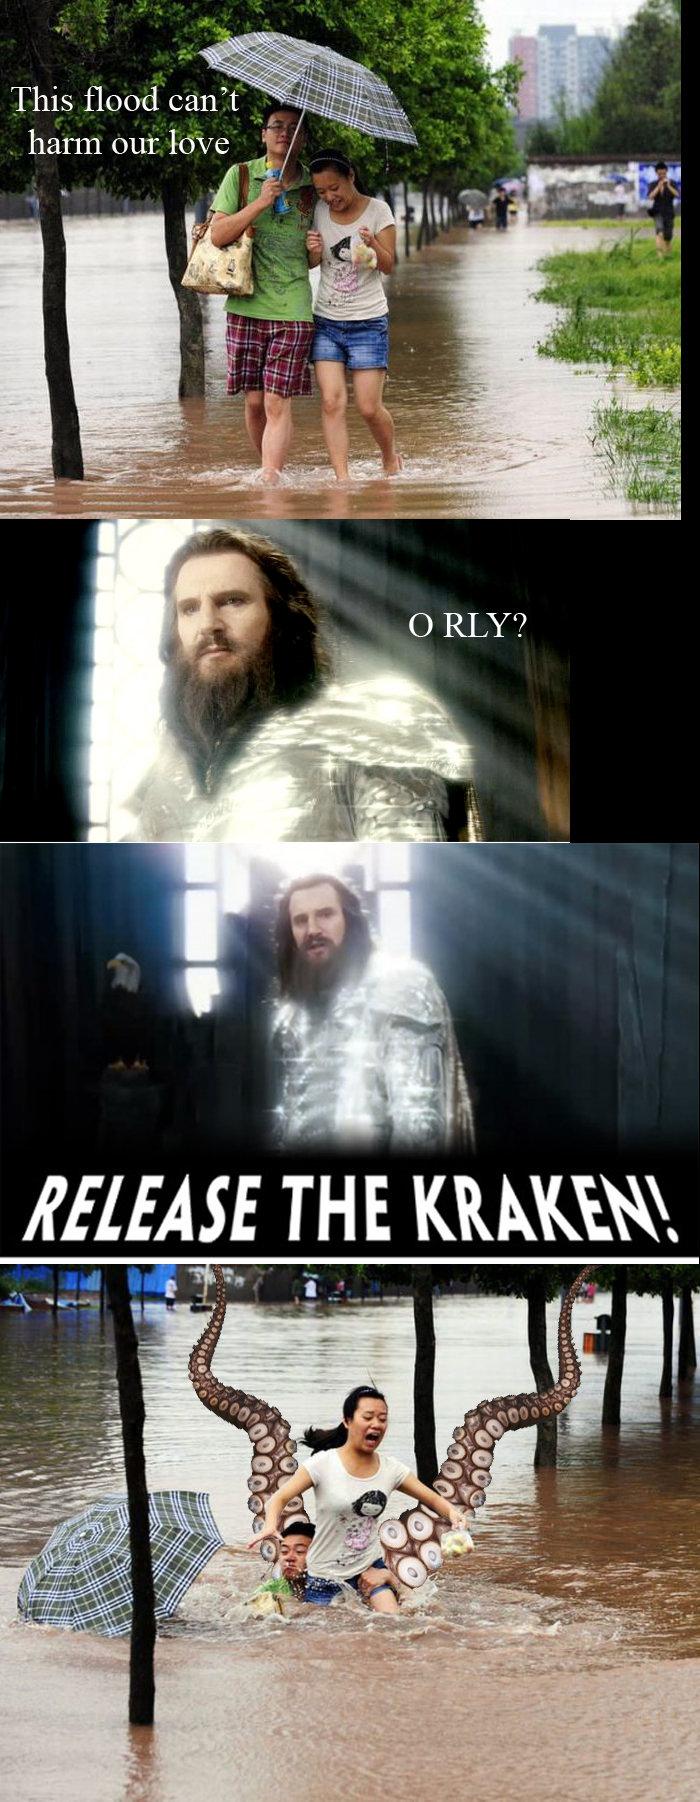 Kraken. OC dammit. flol. uni, THE ,. I know where this is going... kraken